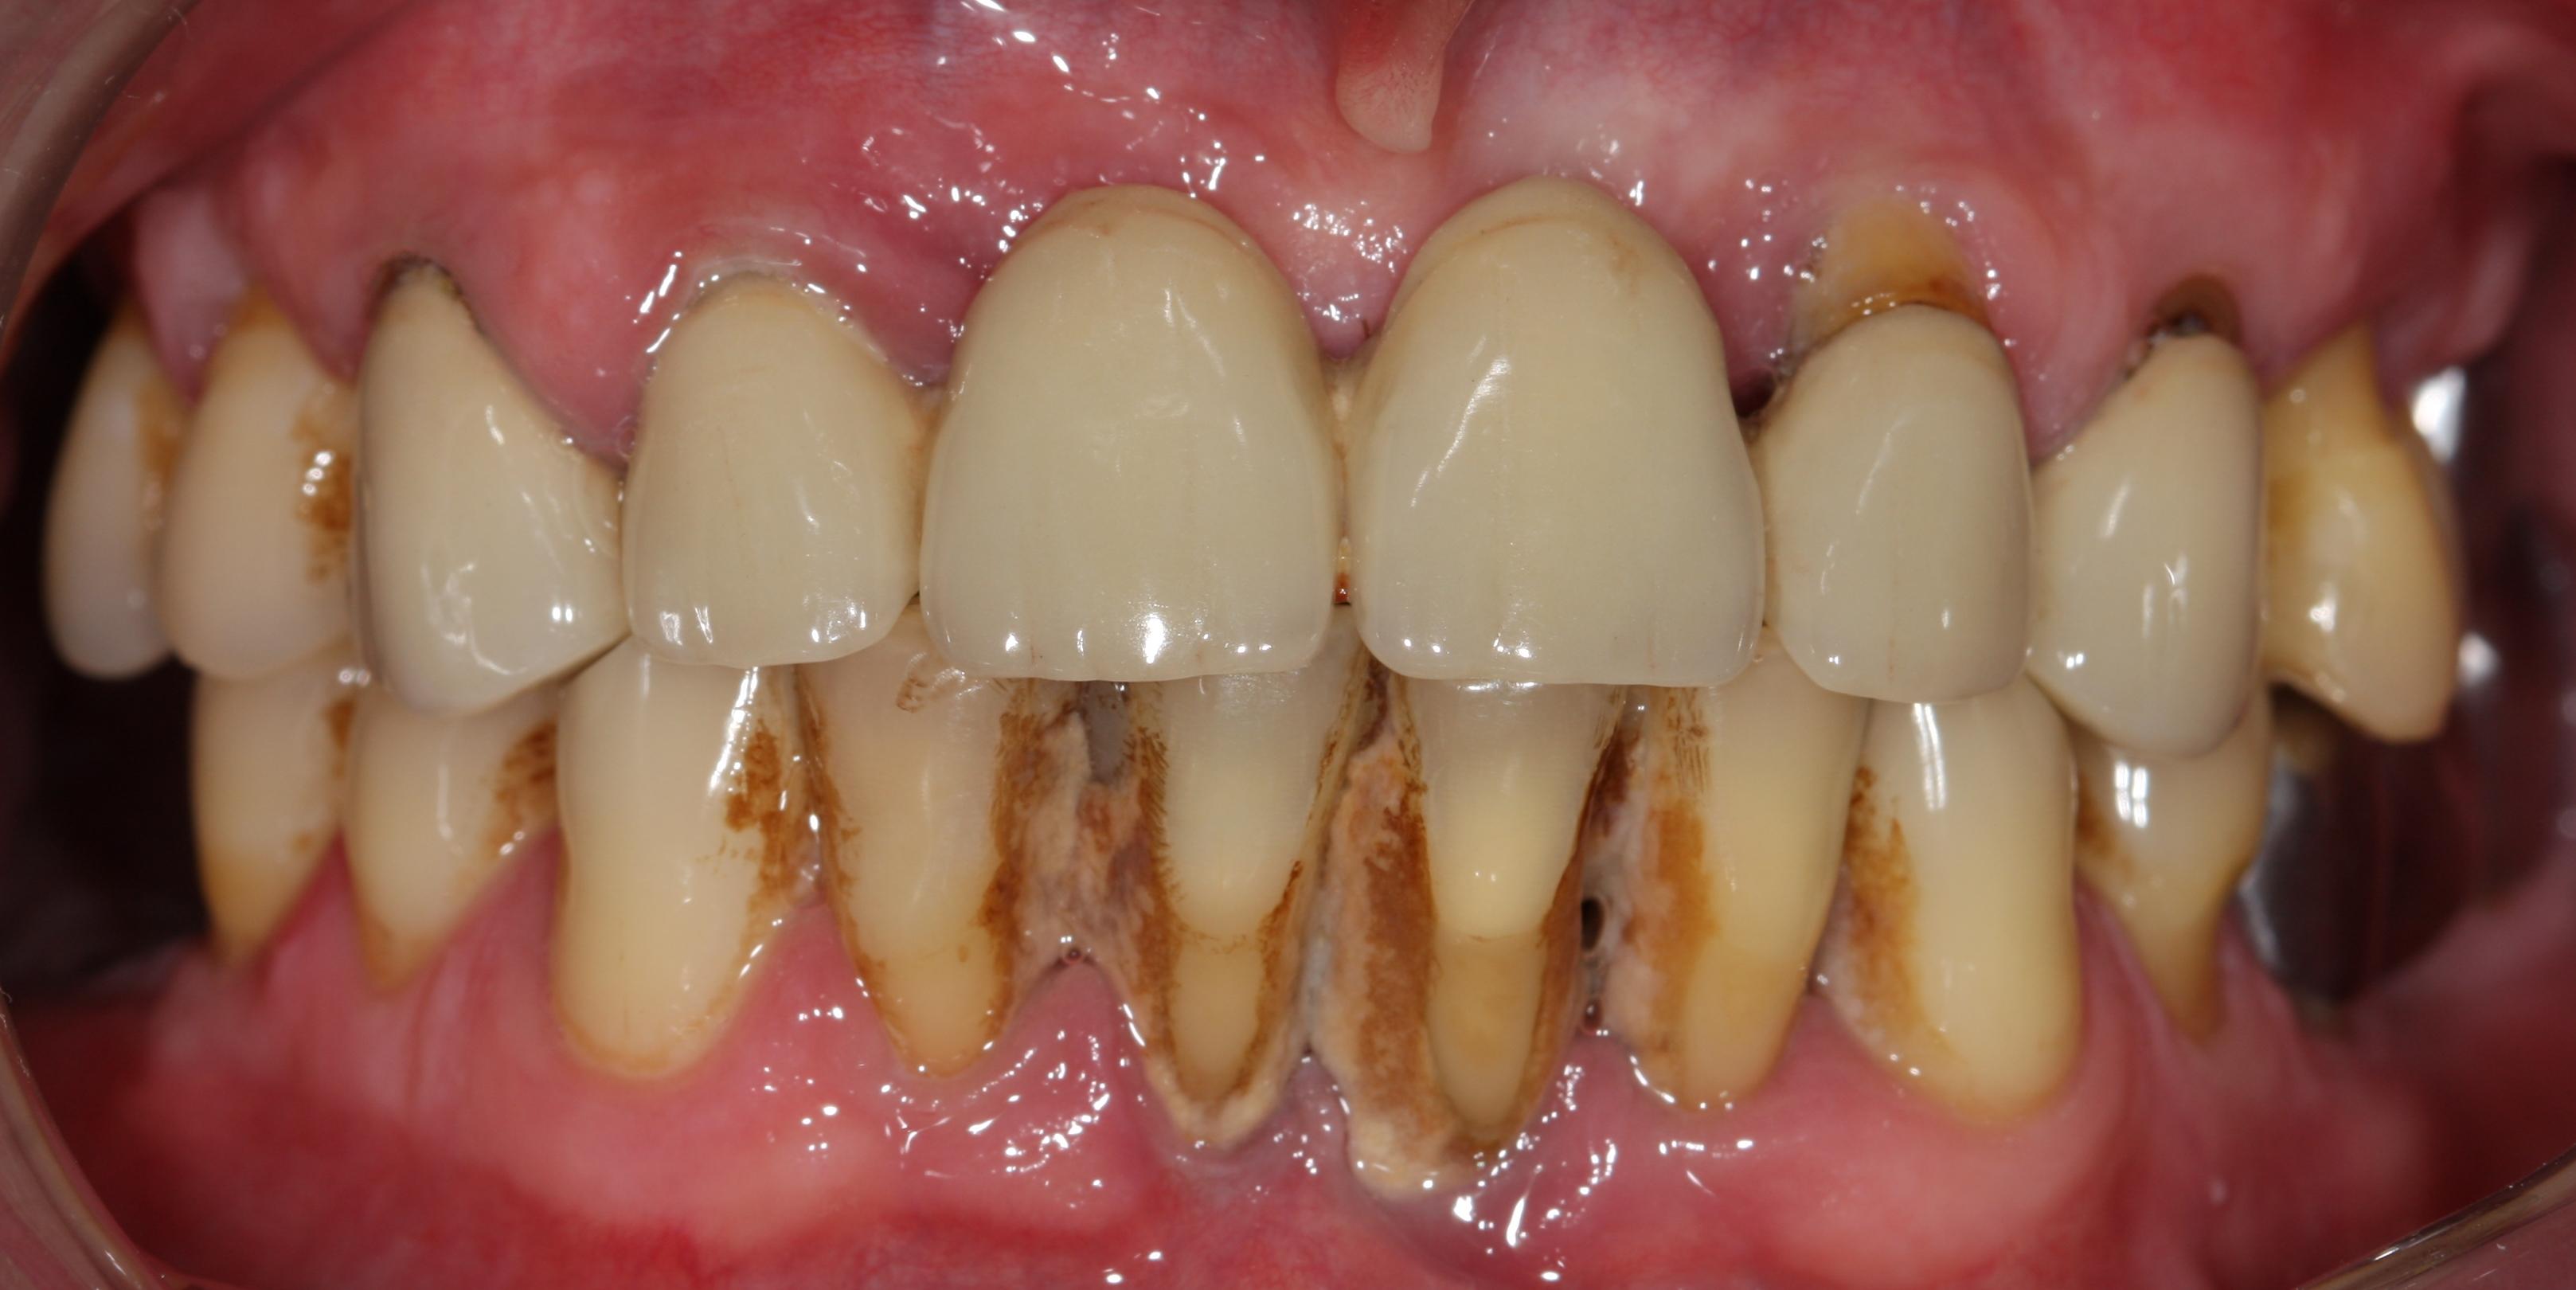 виниры на зубы фото цены москва